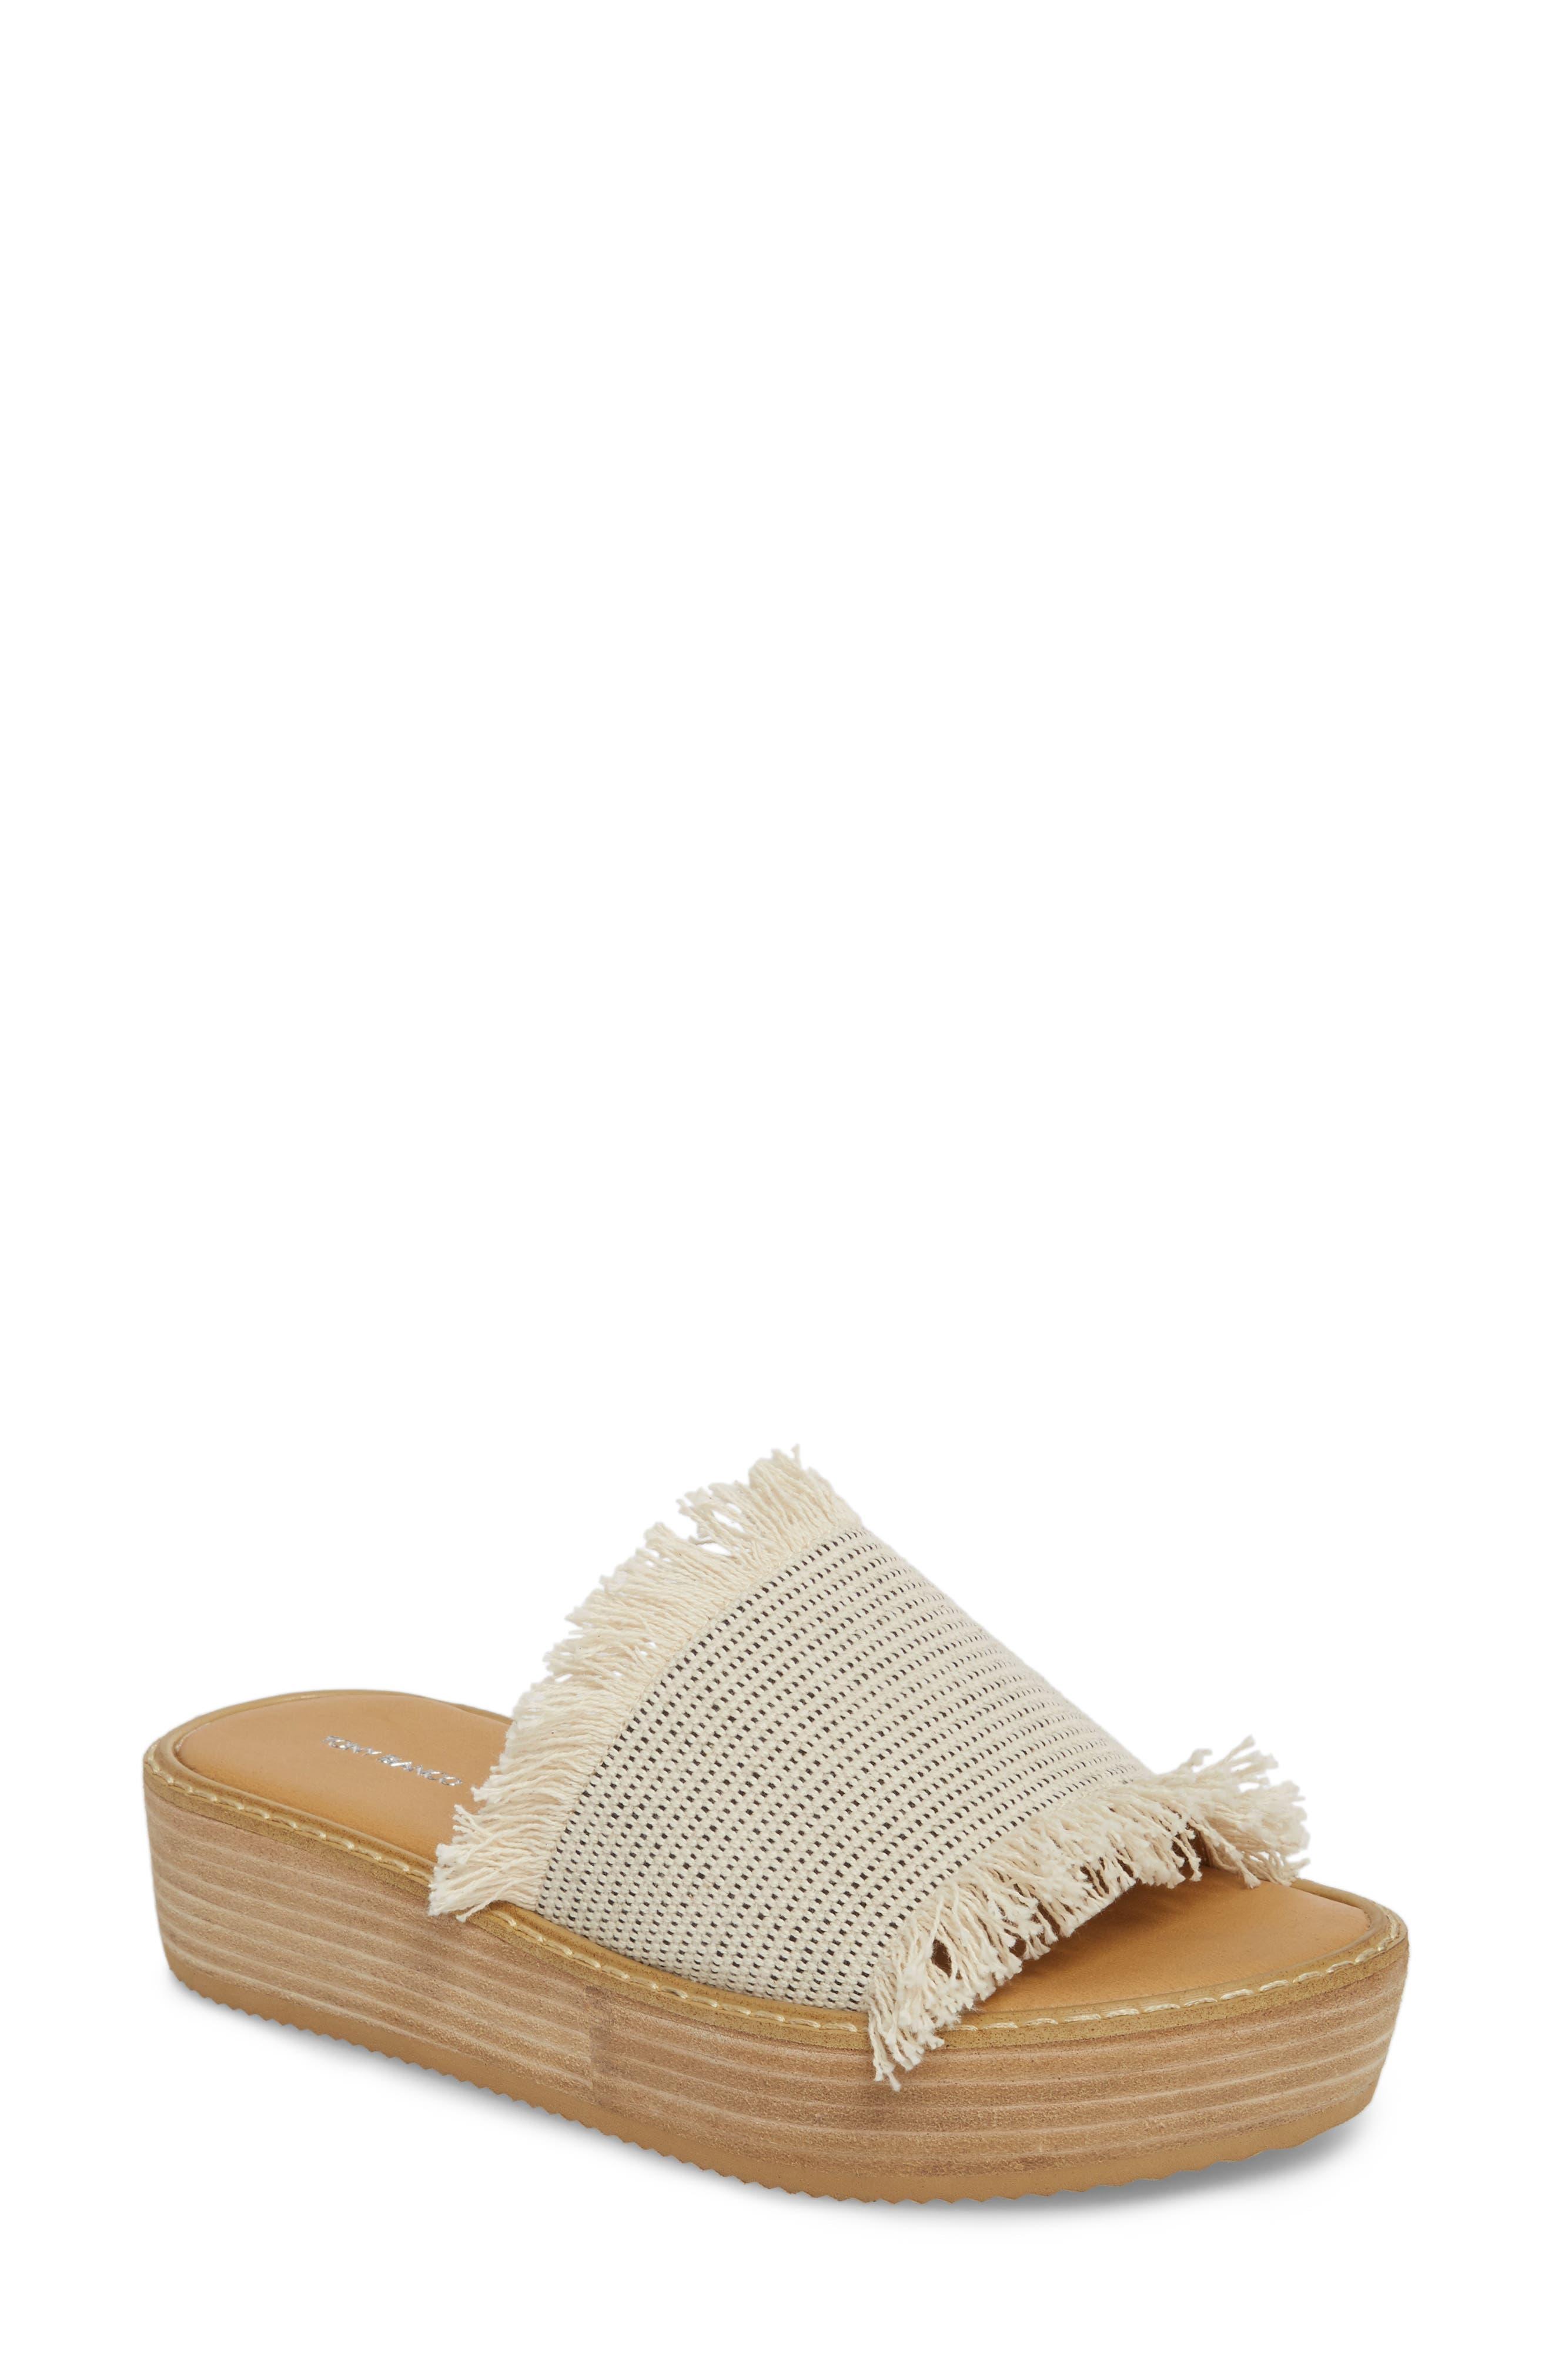 Ebony Platform Sandal,                         Main,                         color, White/ Black Osaka Fabric